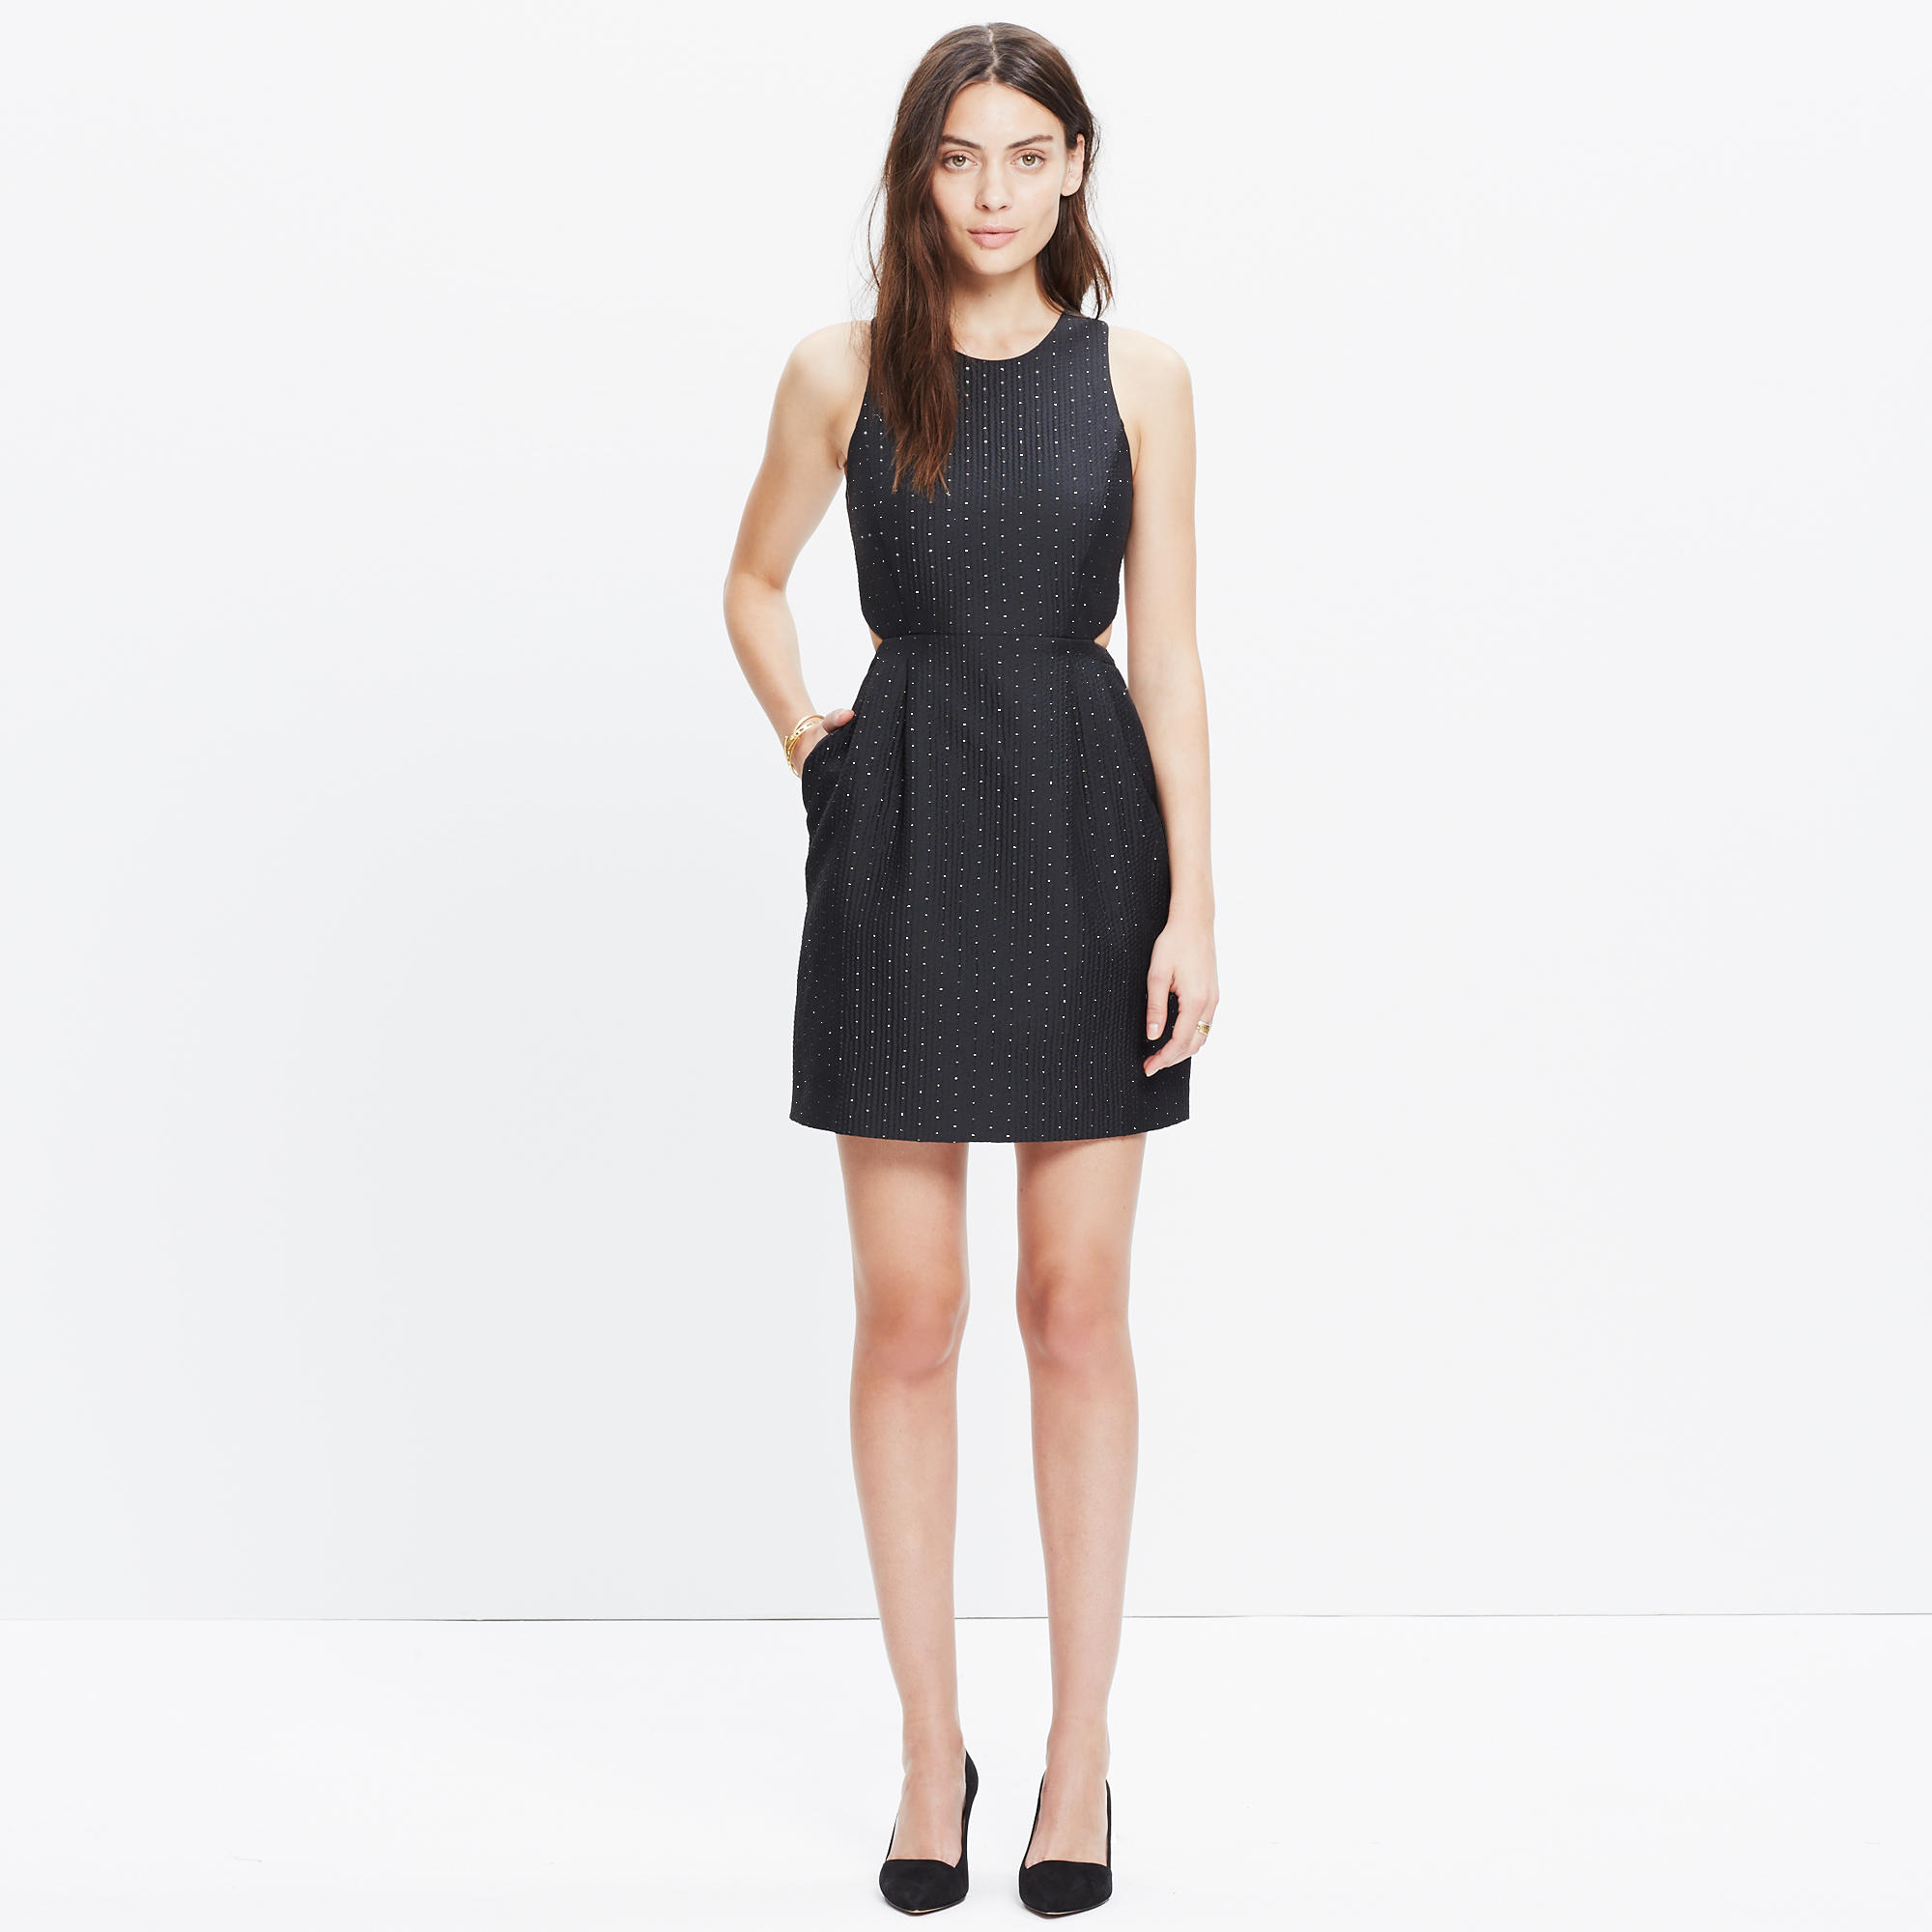 vestido-de-festa-preto-simples